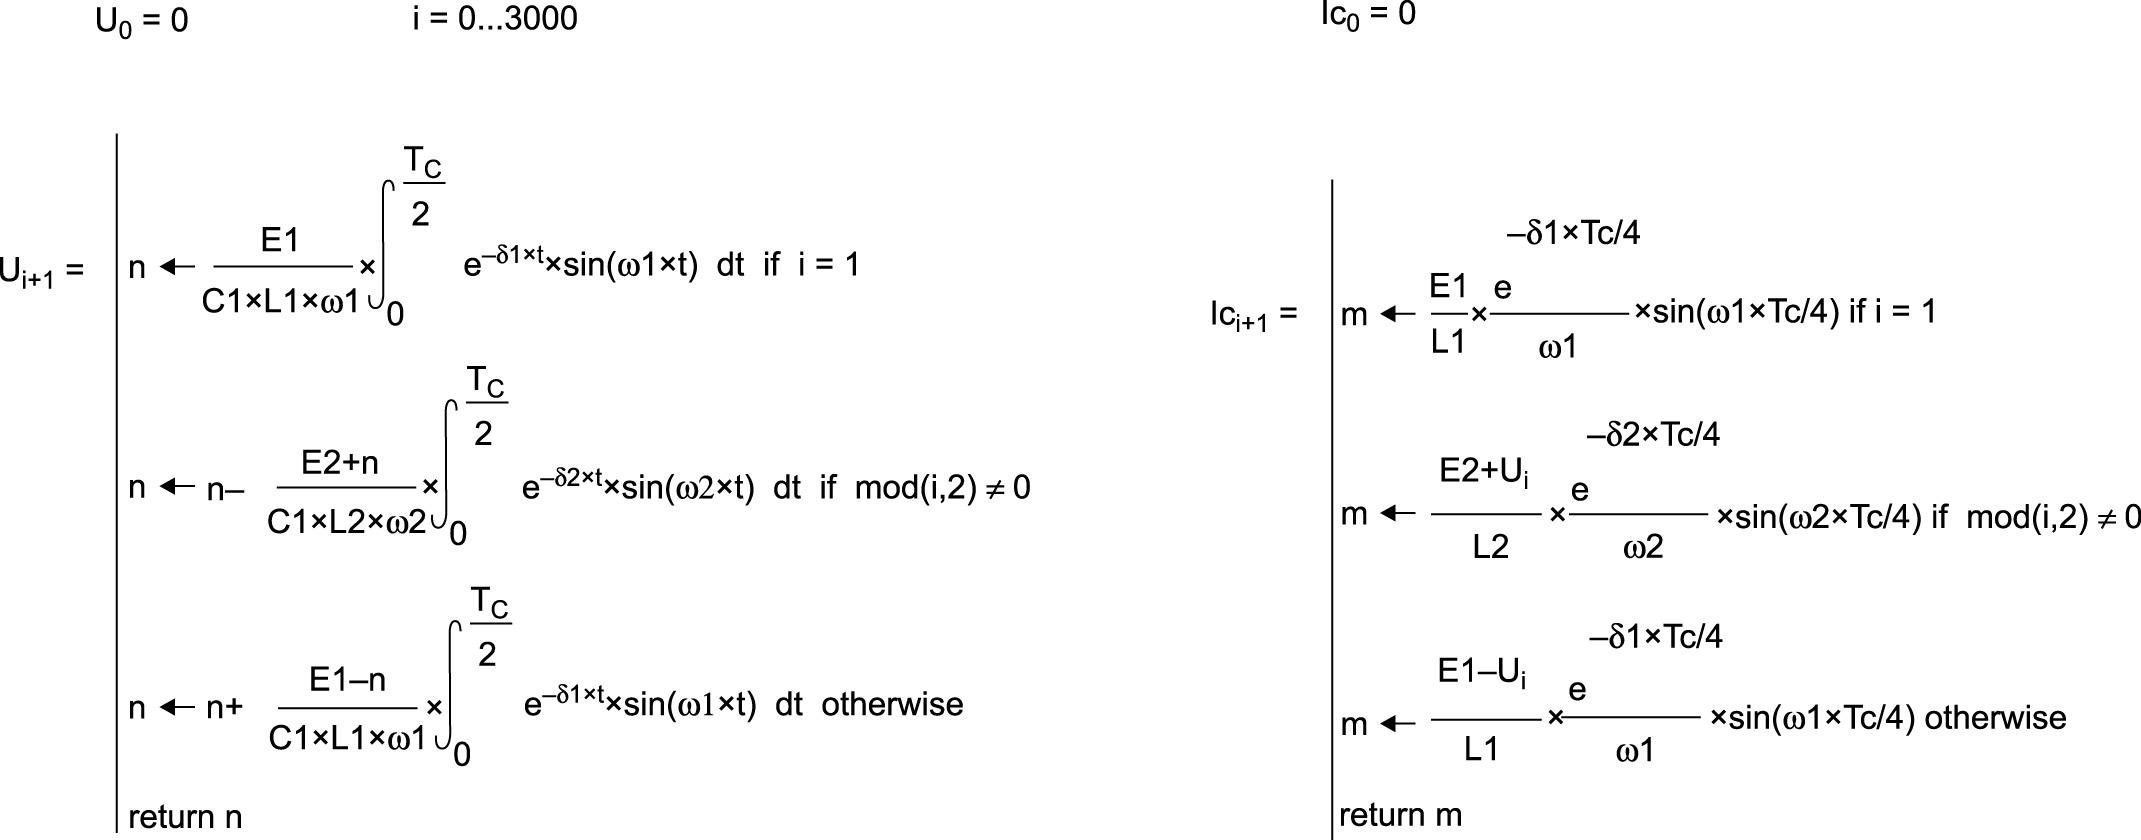 Рекурсивные алгоритмы вычисления токов ветвей и напряжения емкости для различных тактов работы ключей